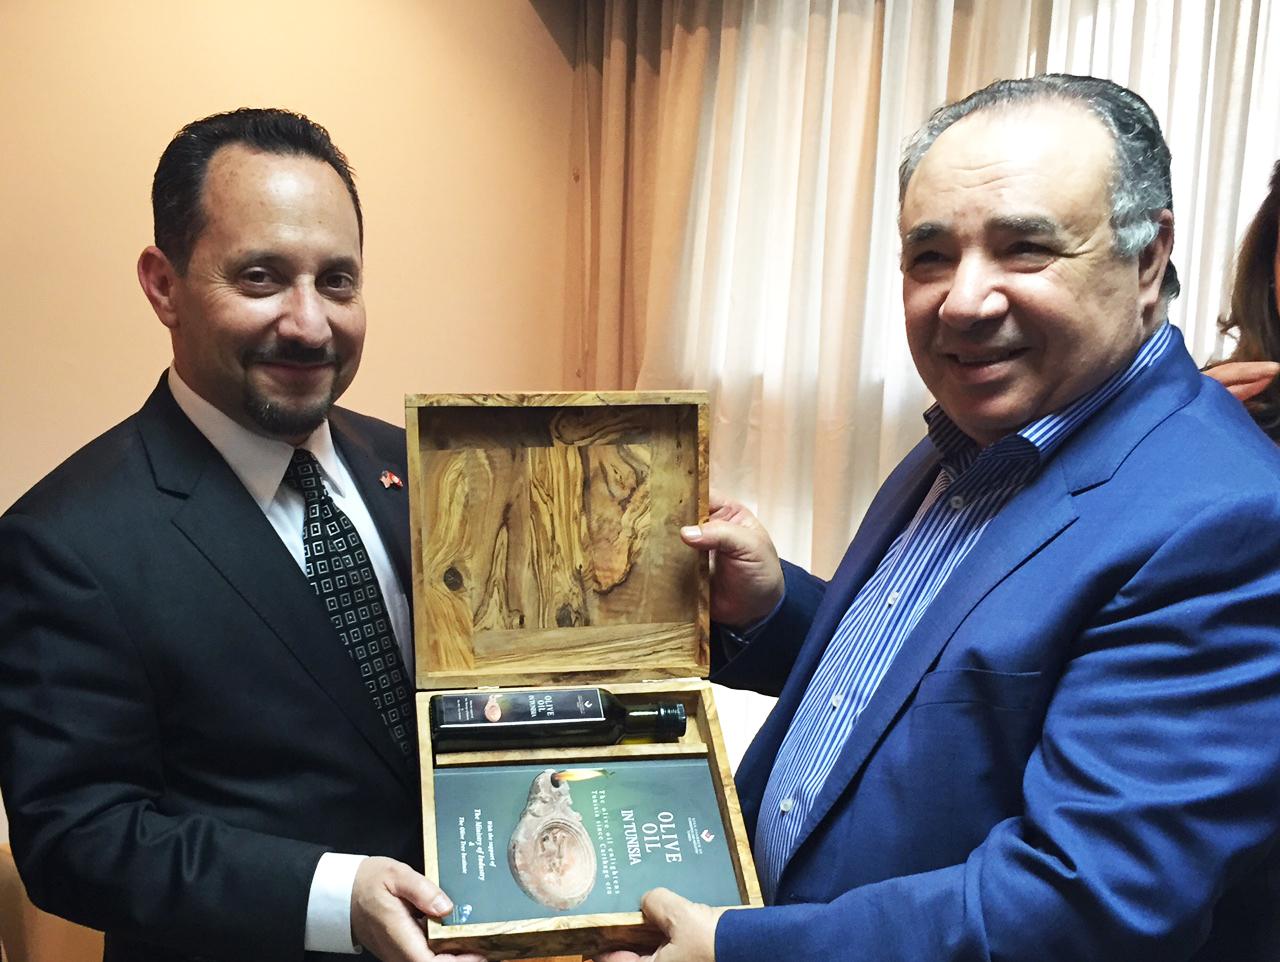 L'Ambassadeur des USA à Tunis en visite à Sfax et à la CCIS